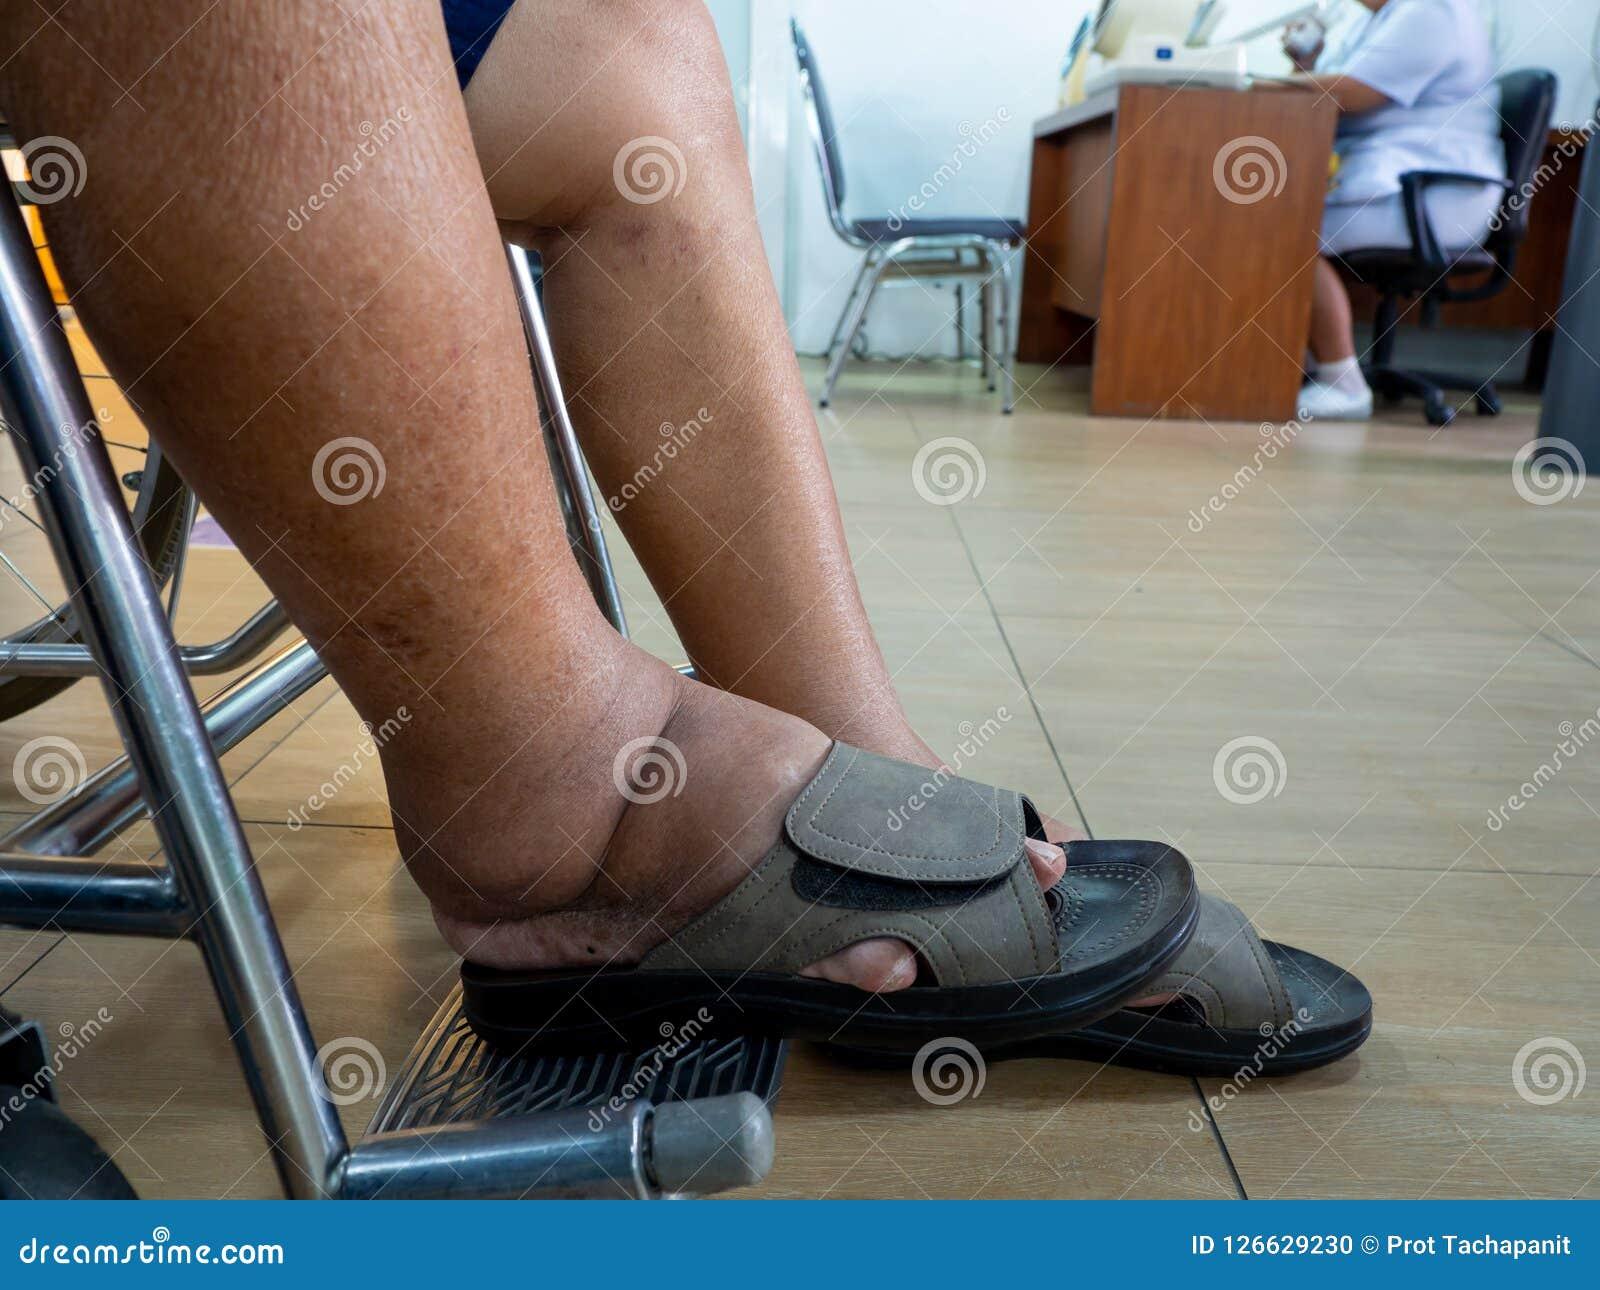 zapatos para hombres con diabetes